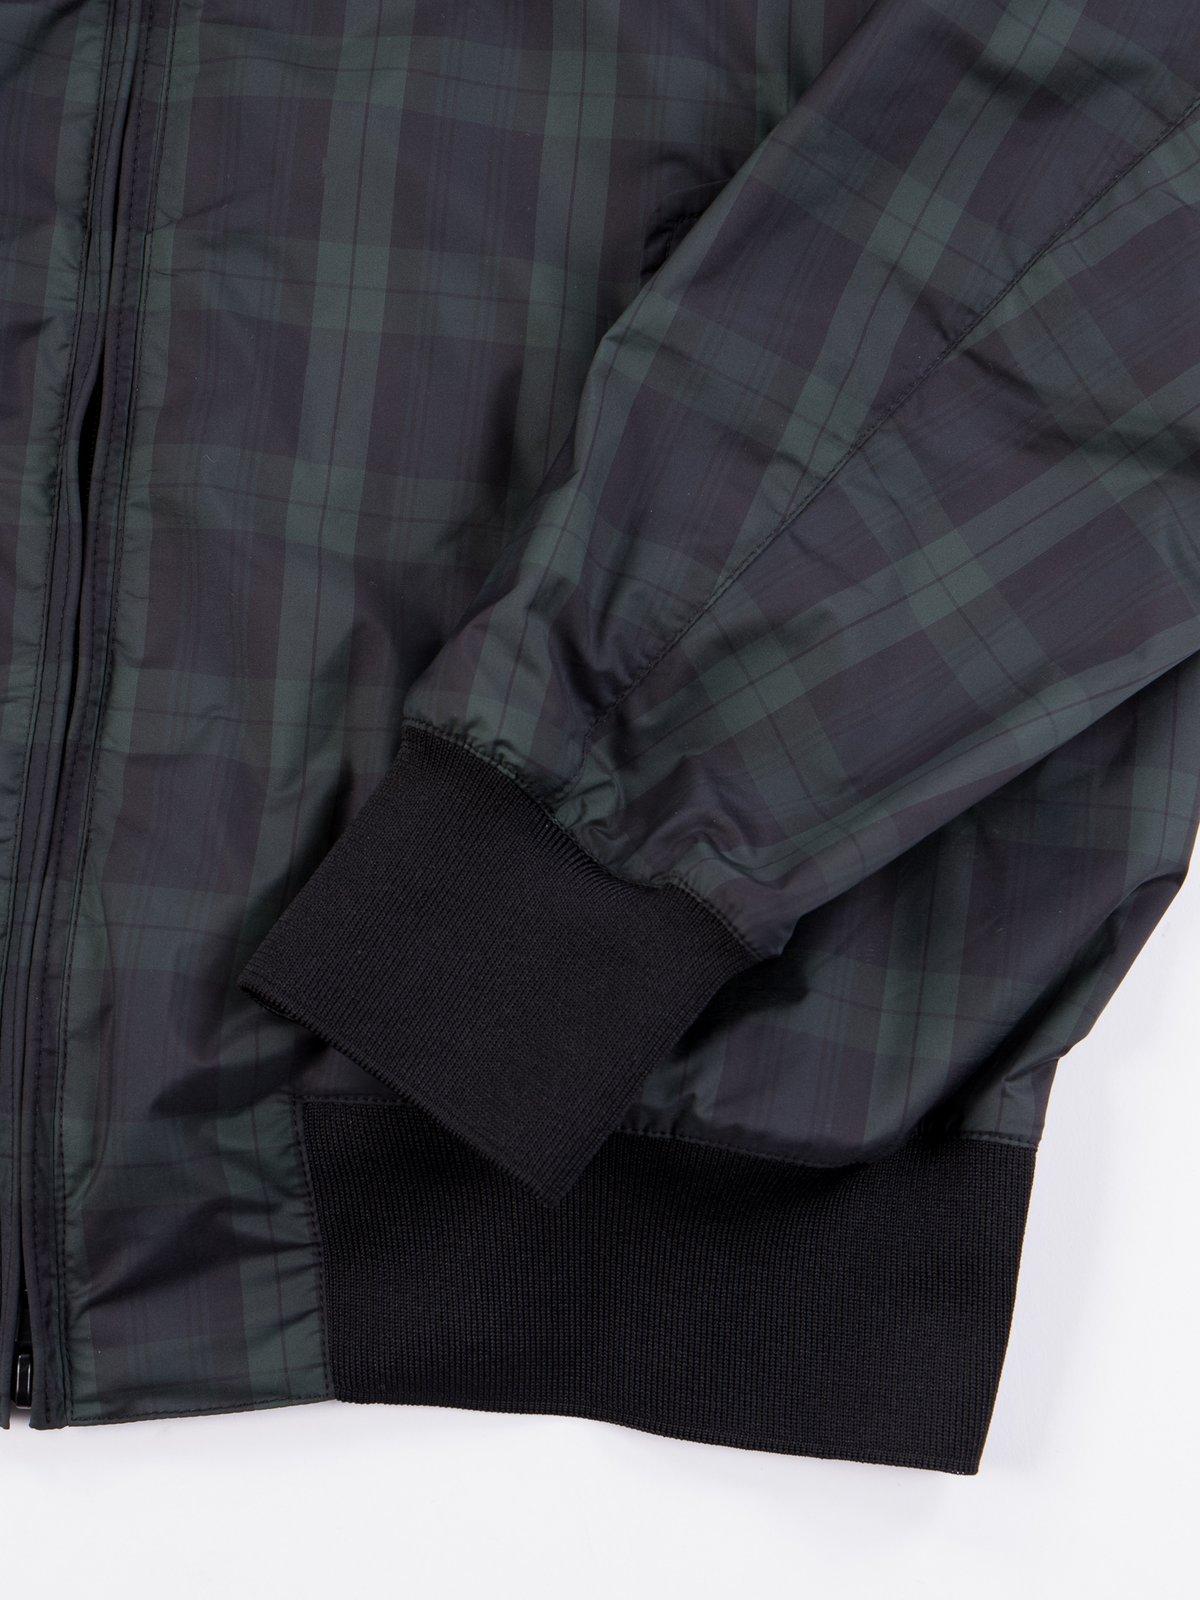 Blackwatch G9 EG Jacket - Image 4